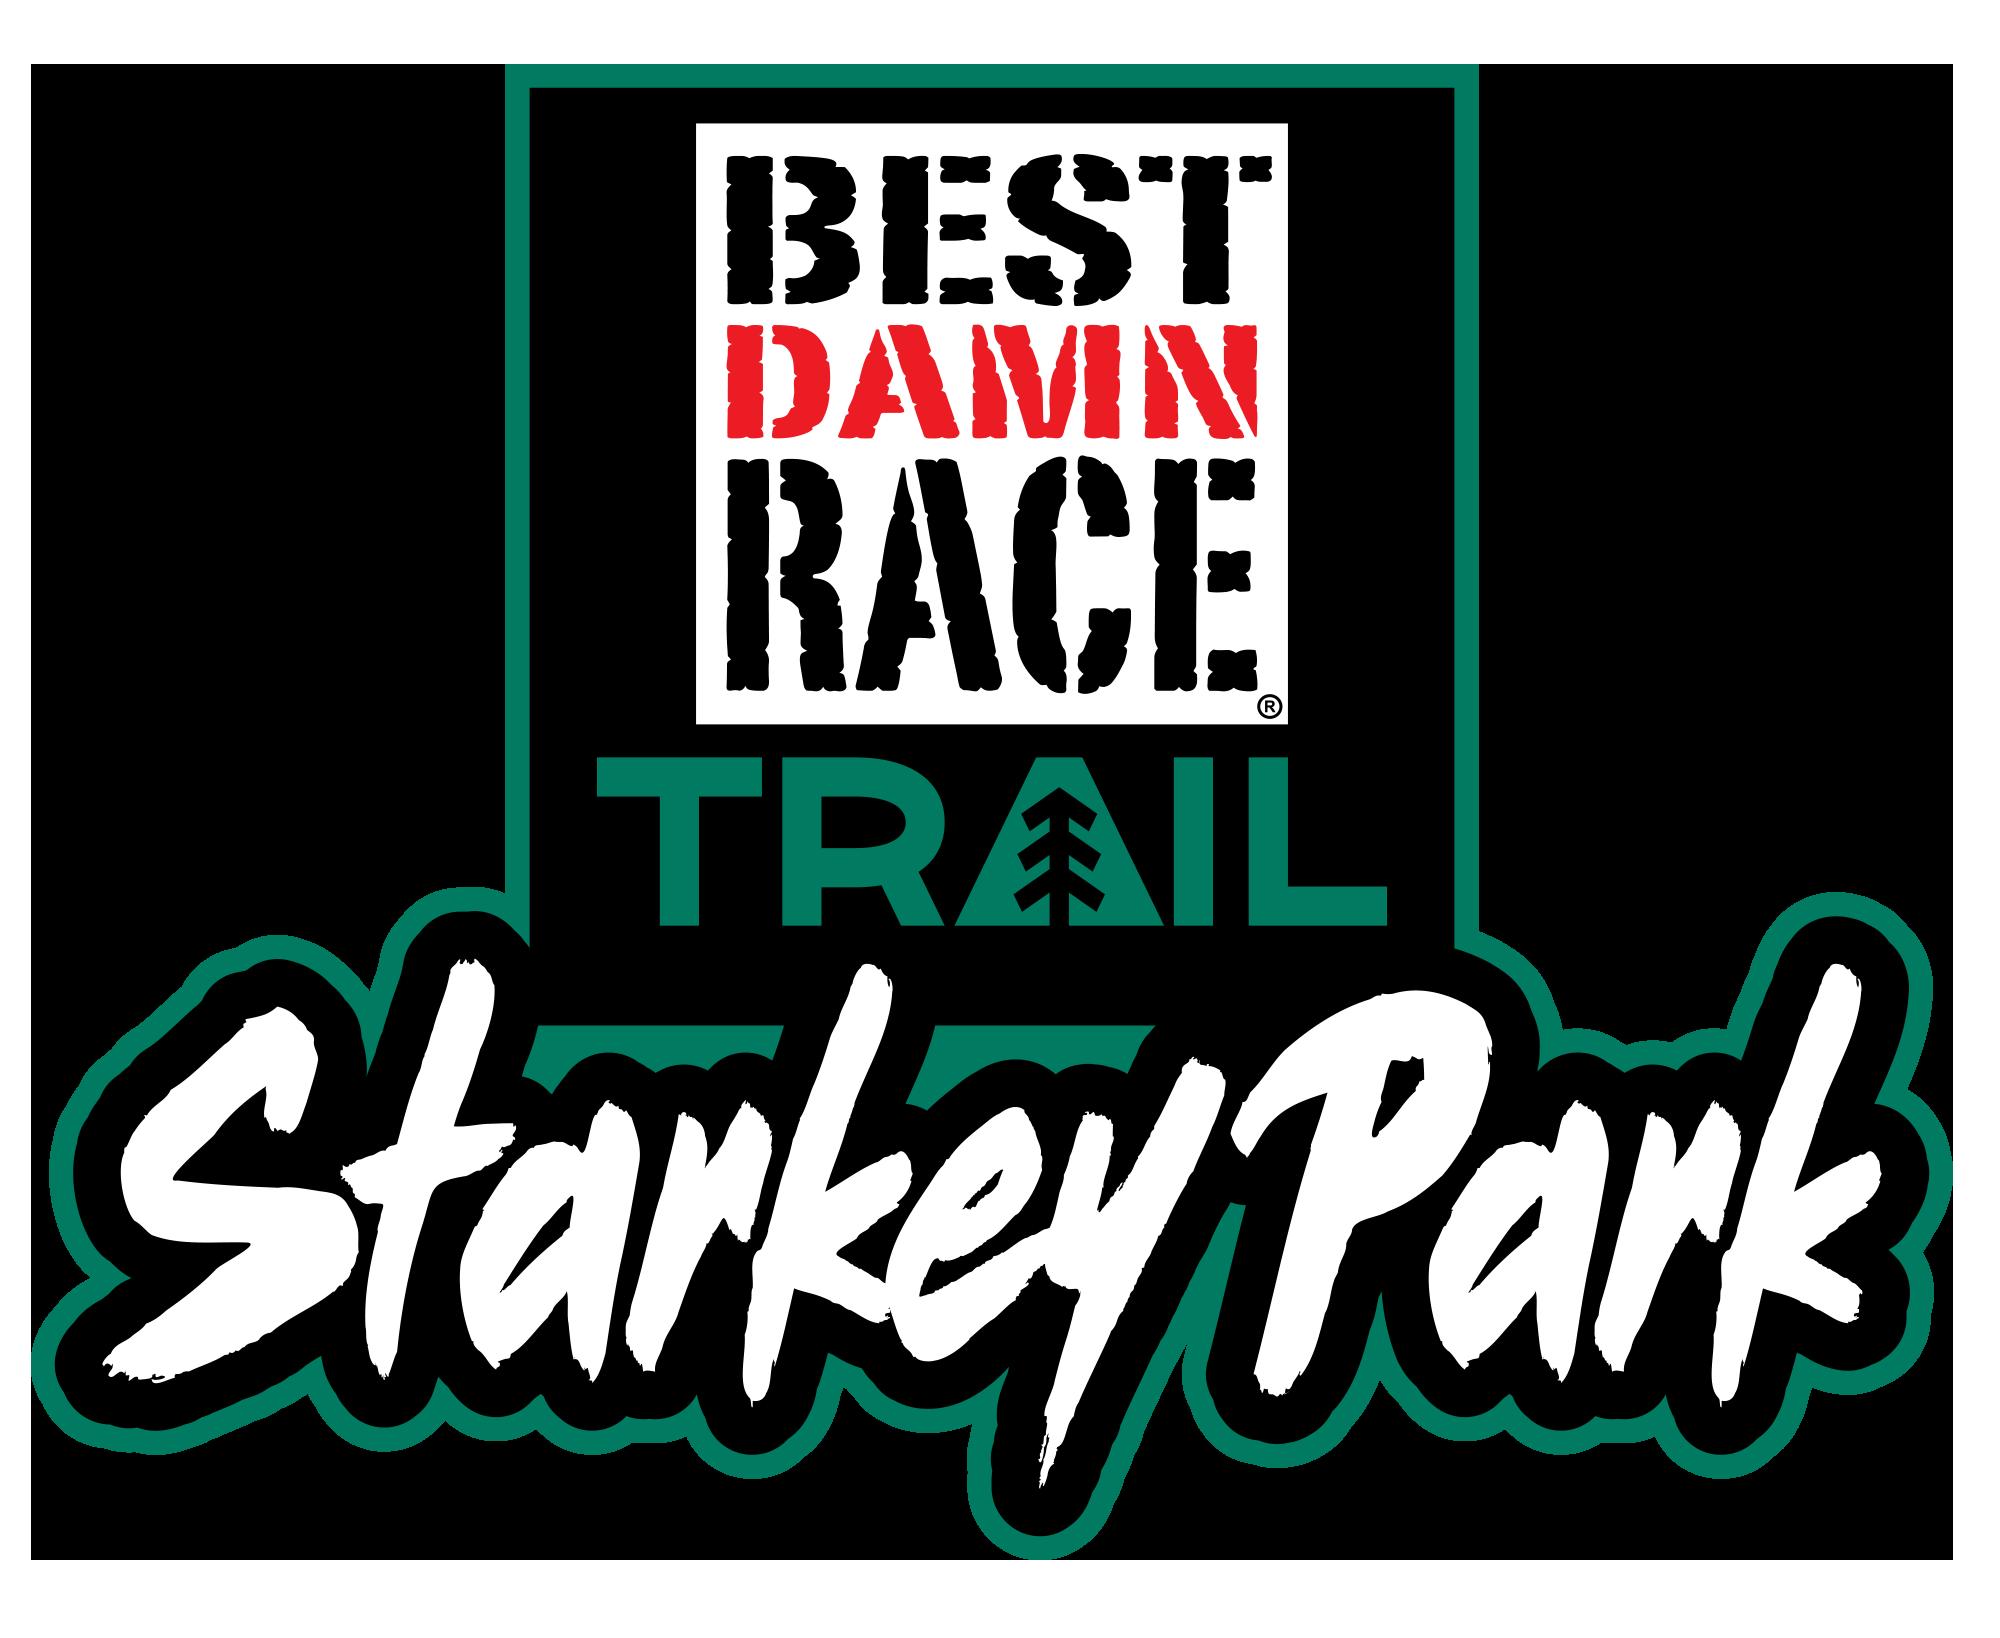 Best Damn Race